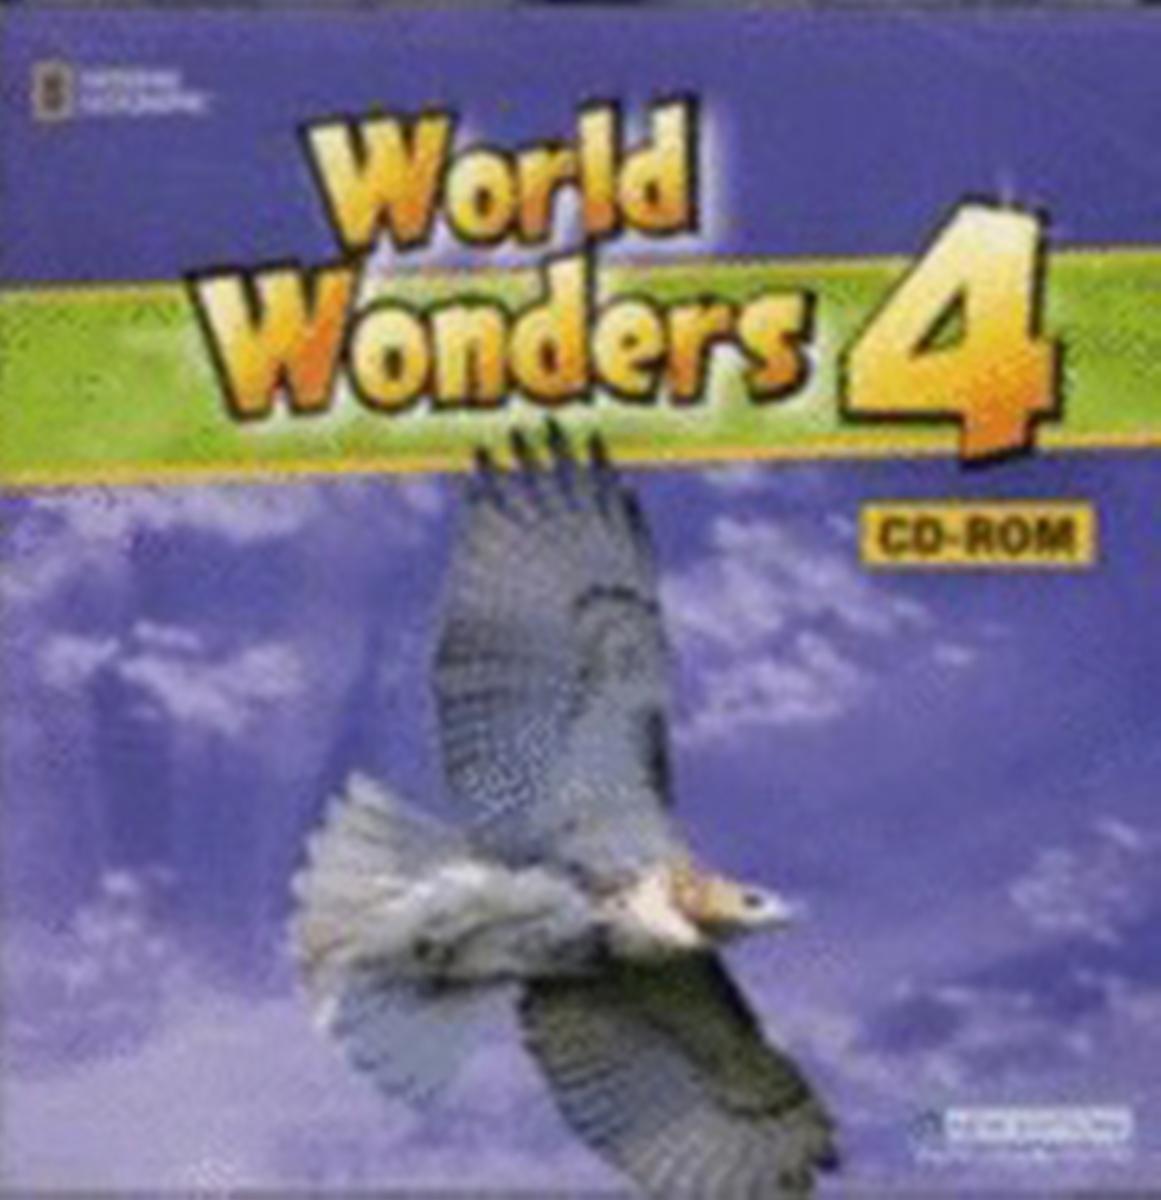 World Wonders 4 CD-ROM(x1)